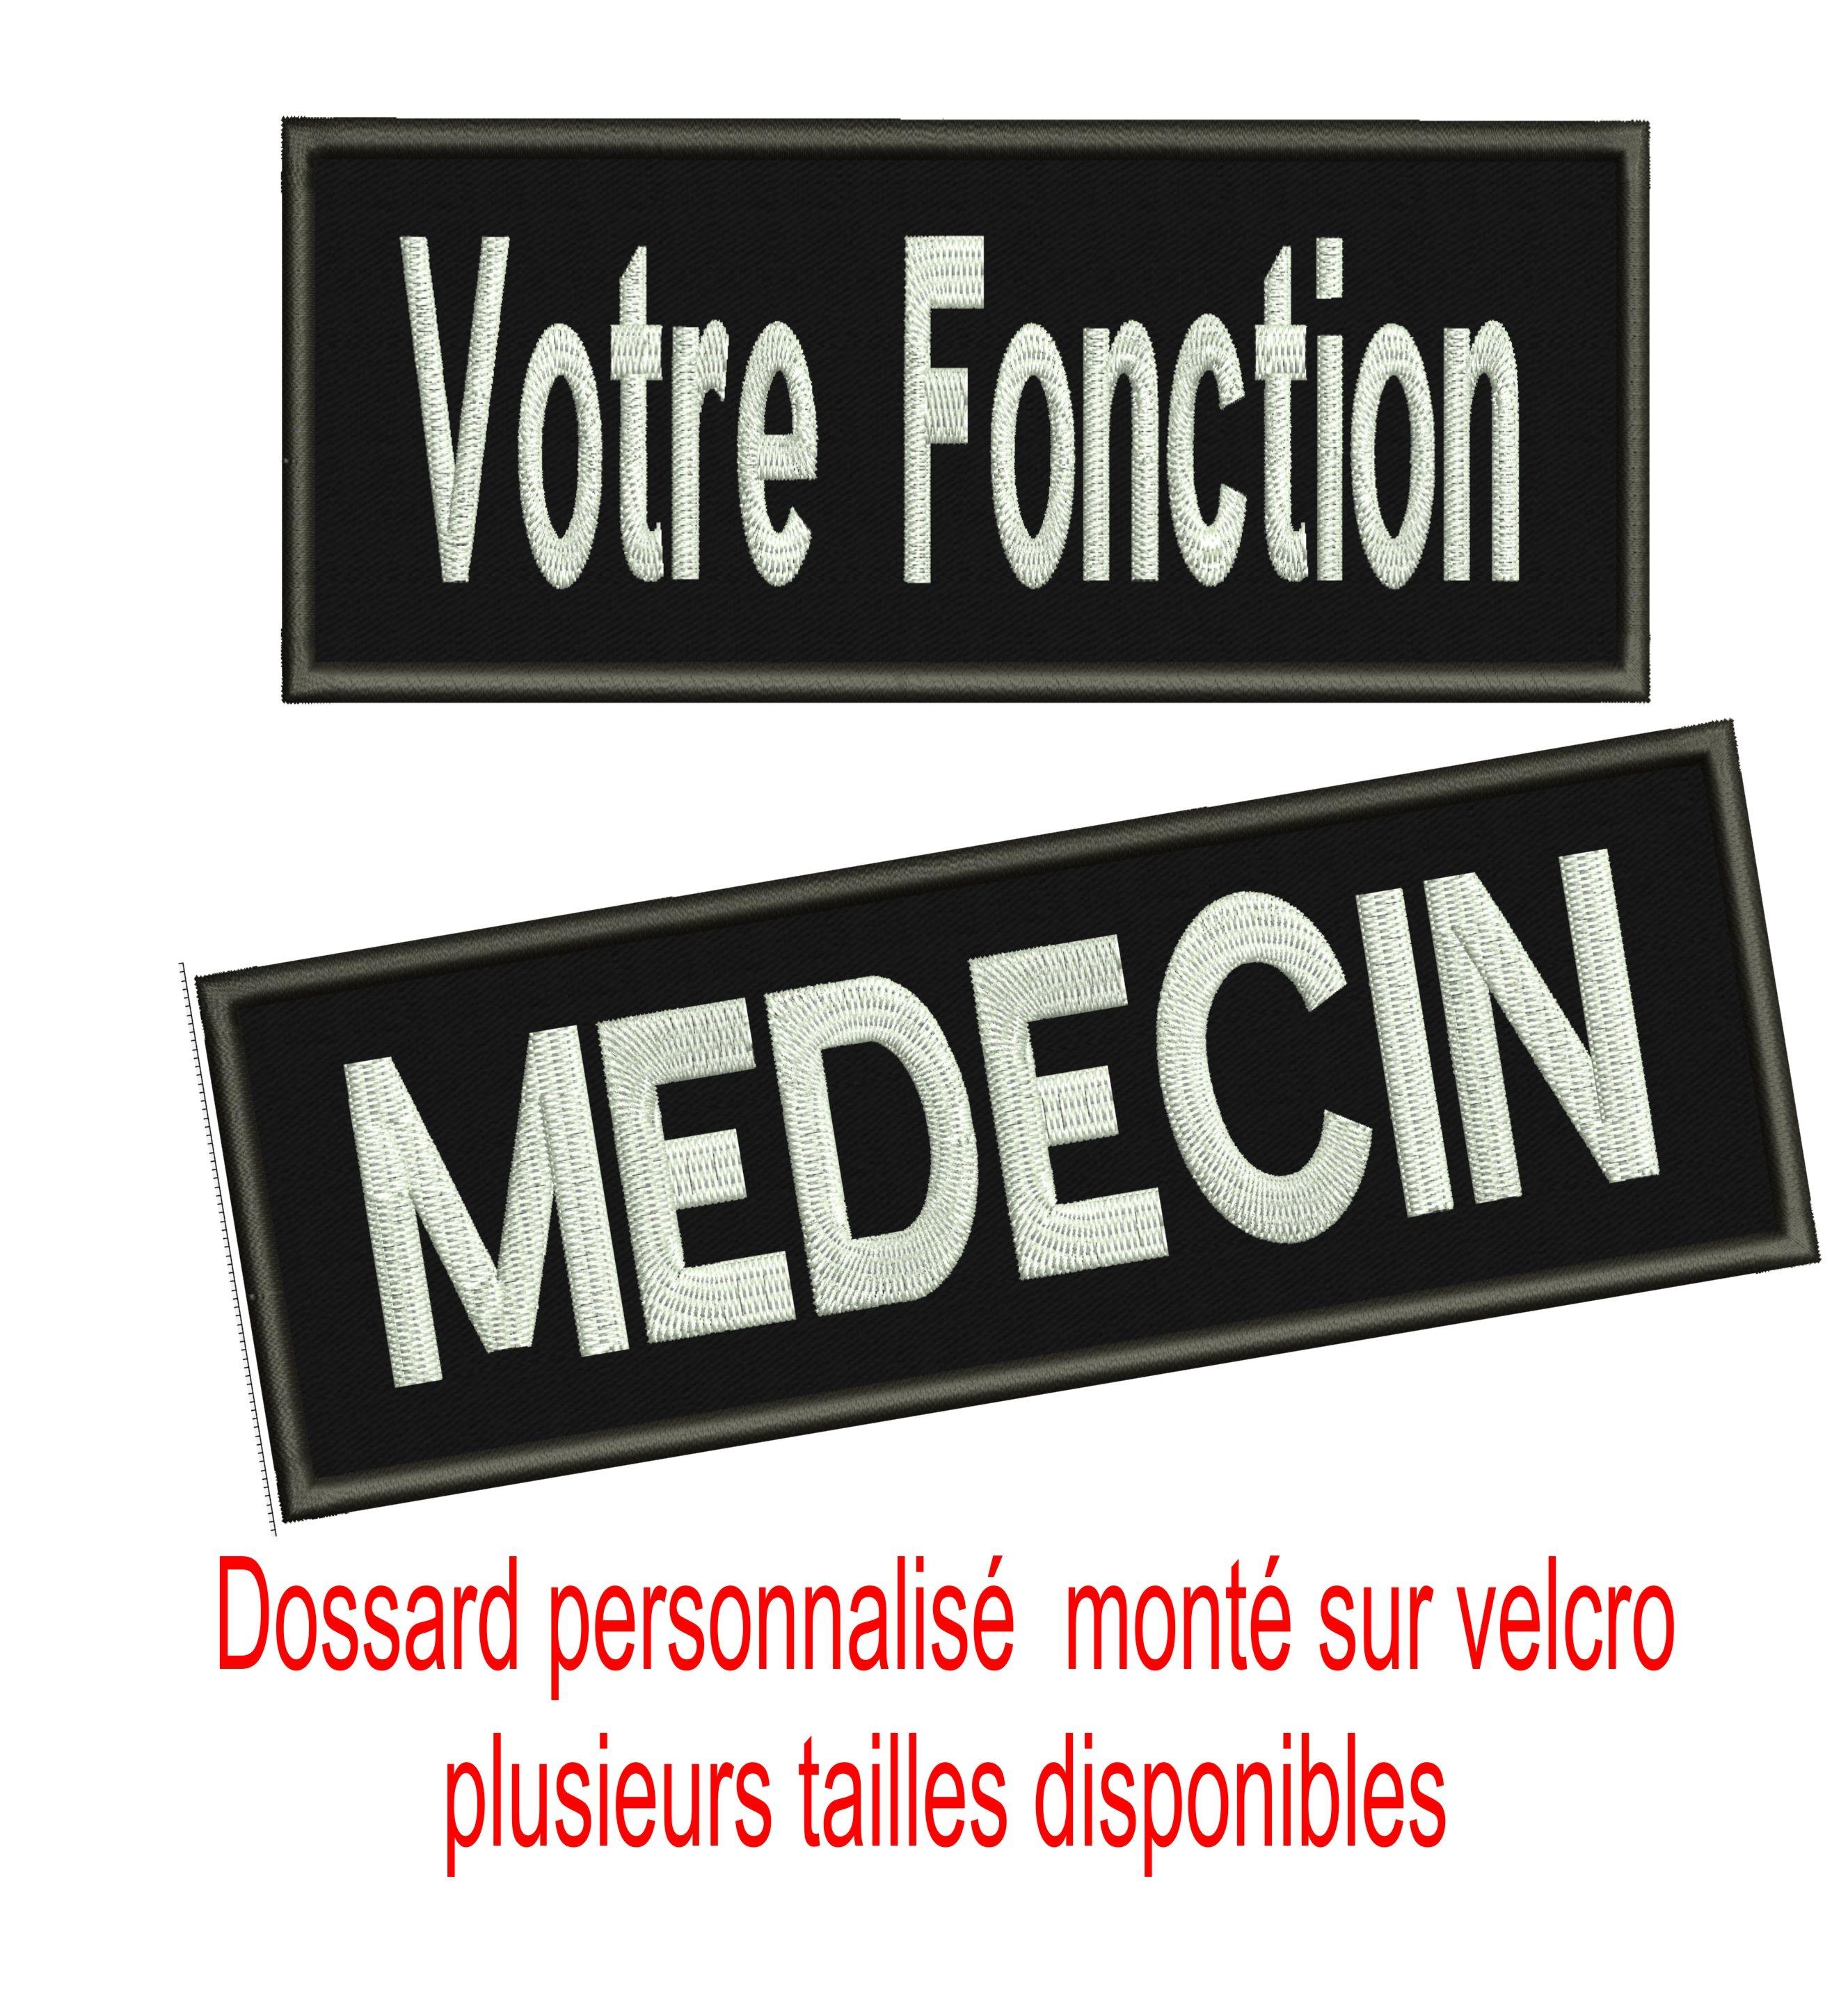 Dossard Personnalise Sur Velcro Fabrication Française